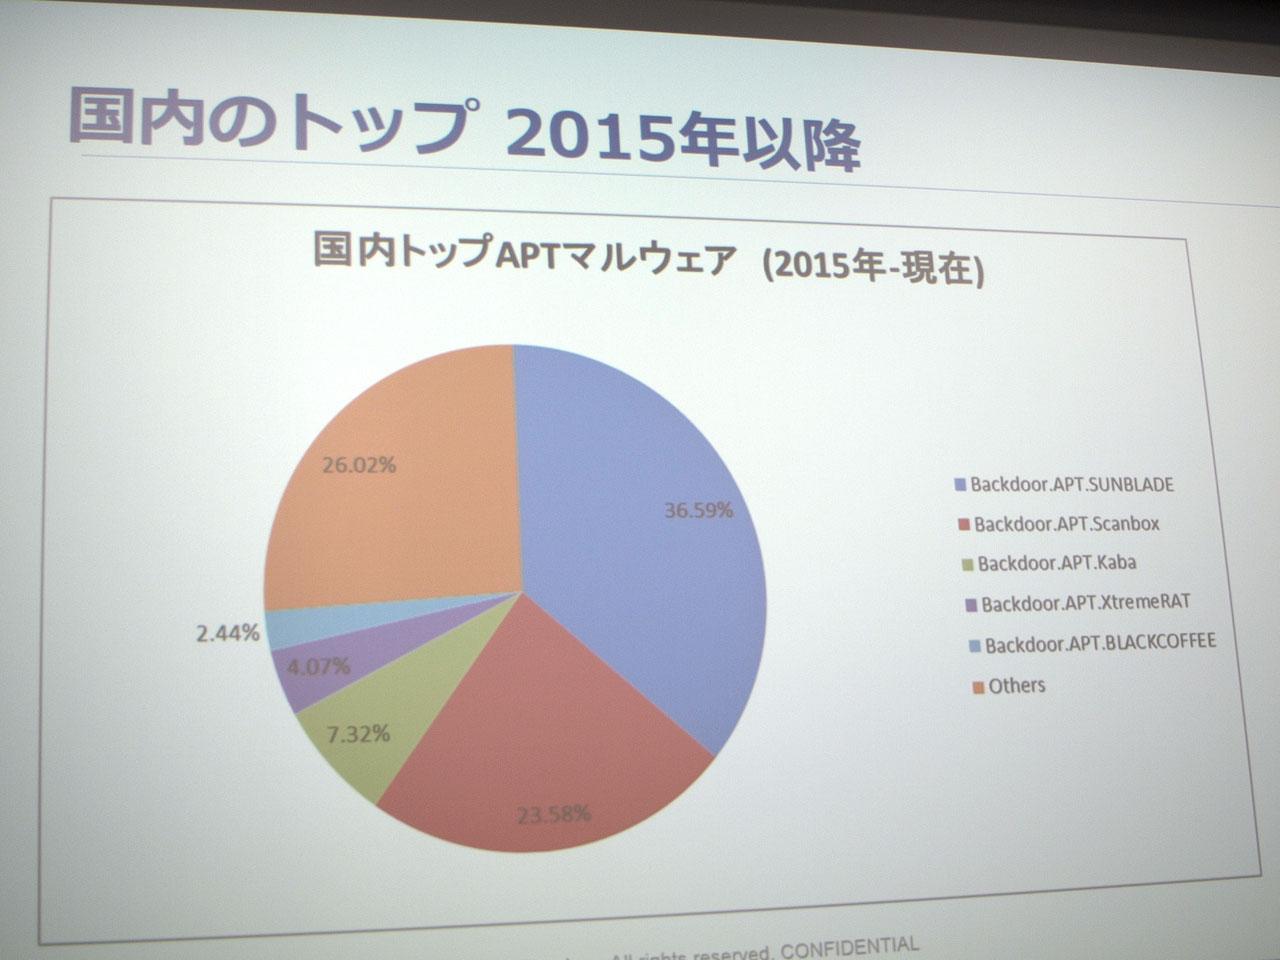 2015年以降は、日本年金機構への攻撃に使われた「Emdivi(別名SUMBLADE)」がトップとなっている